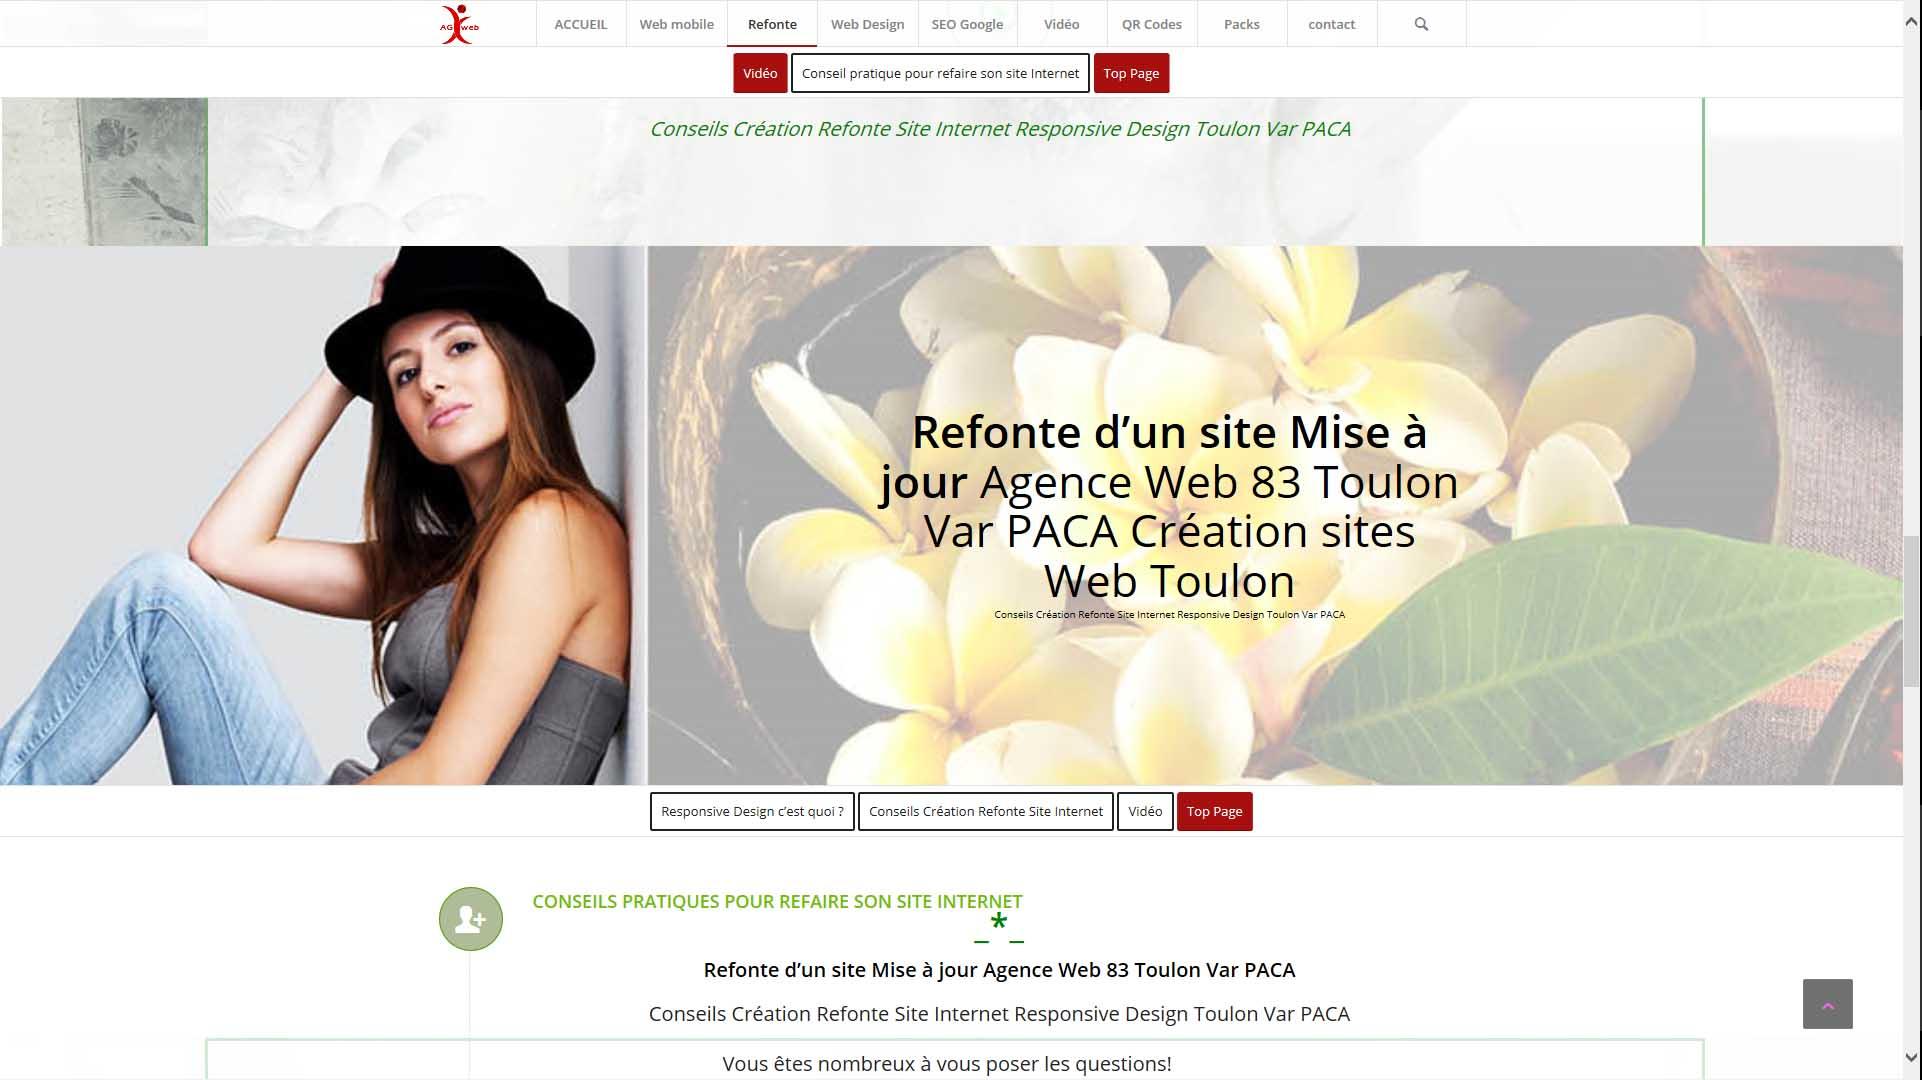 Conseils Création Refonte Site Internet Responsive Design Toulon Var PACA